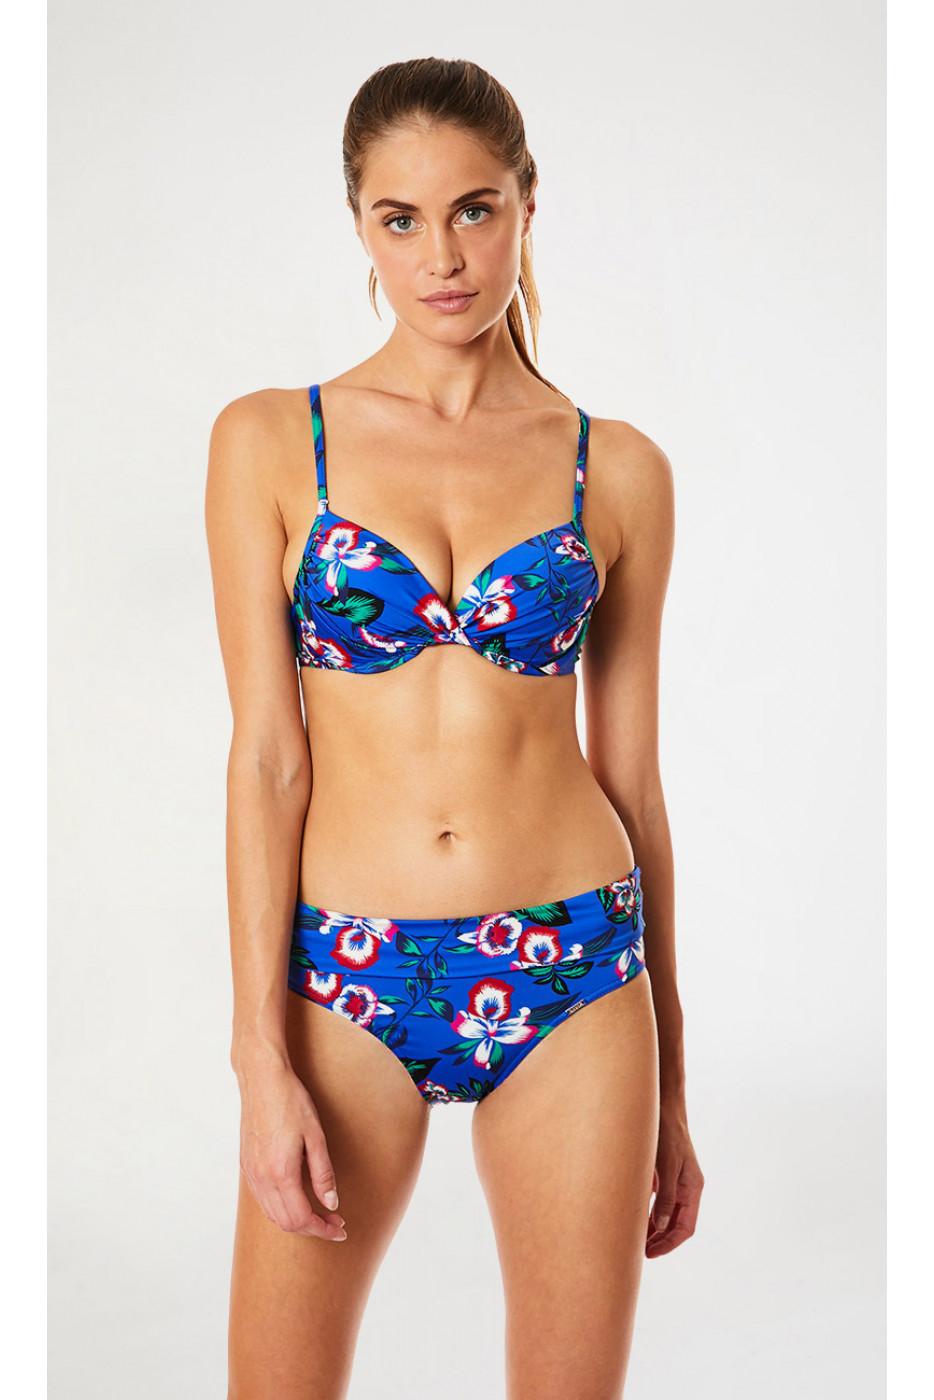 Maillot de bain bleu indigo floral PRALINE & ANDRA SPLENDIA